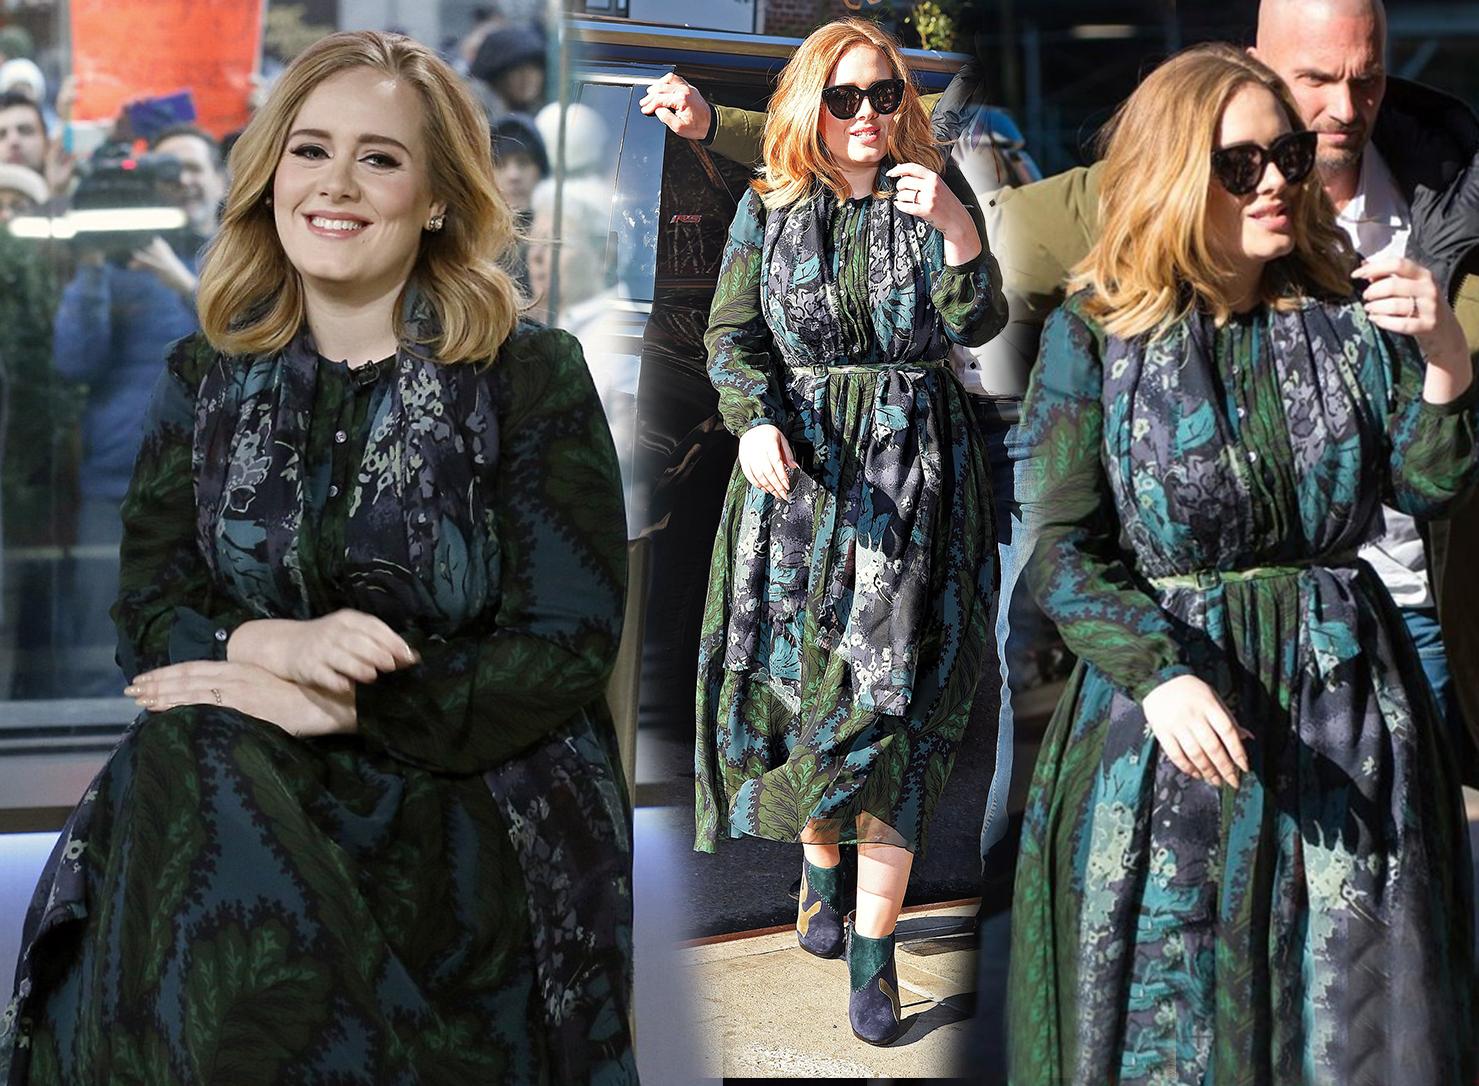 Adele's floral dress